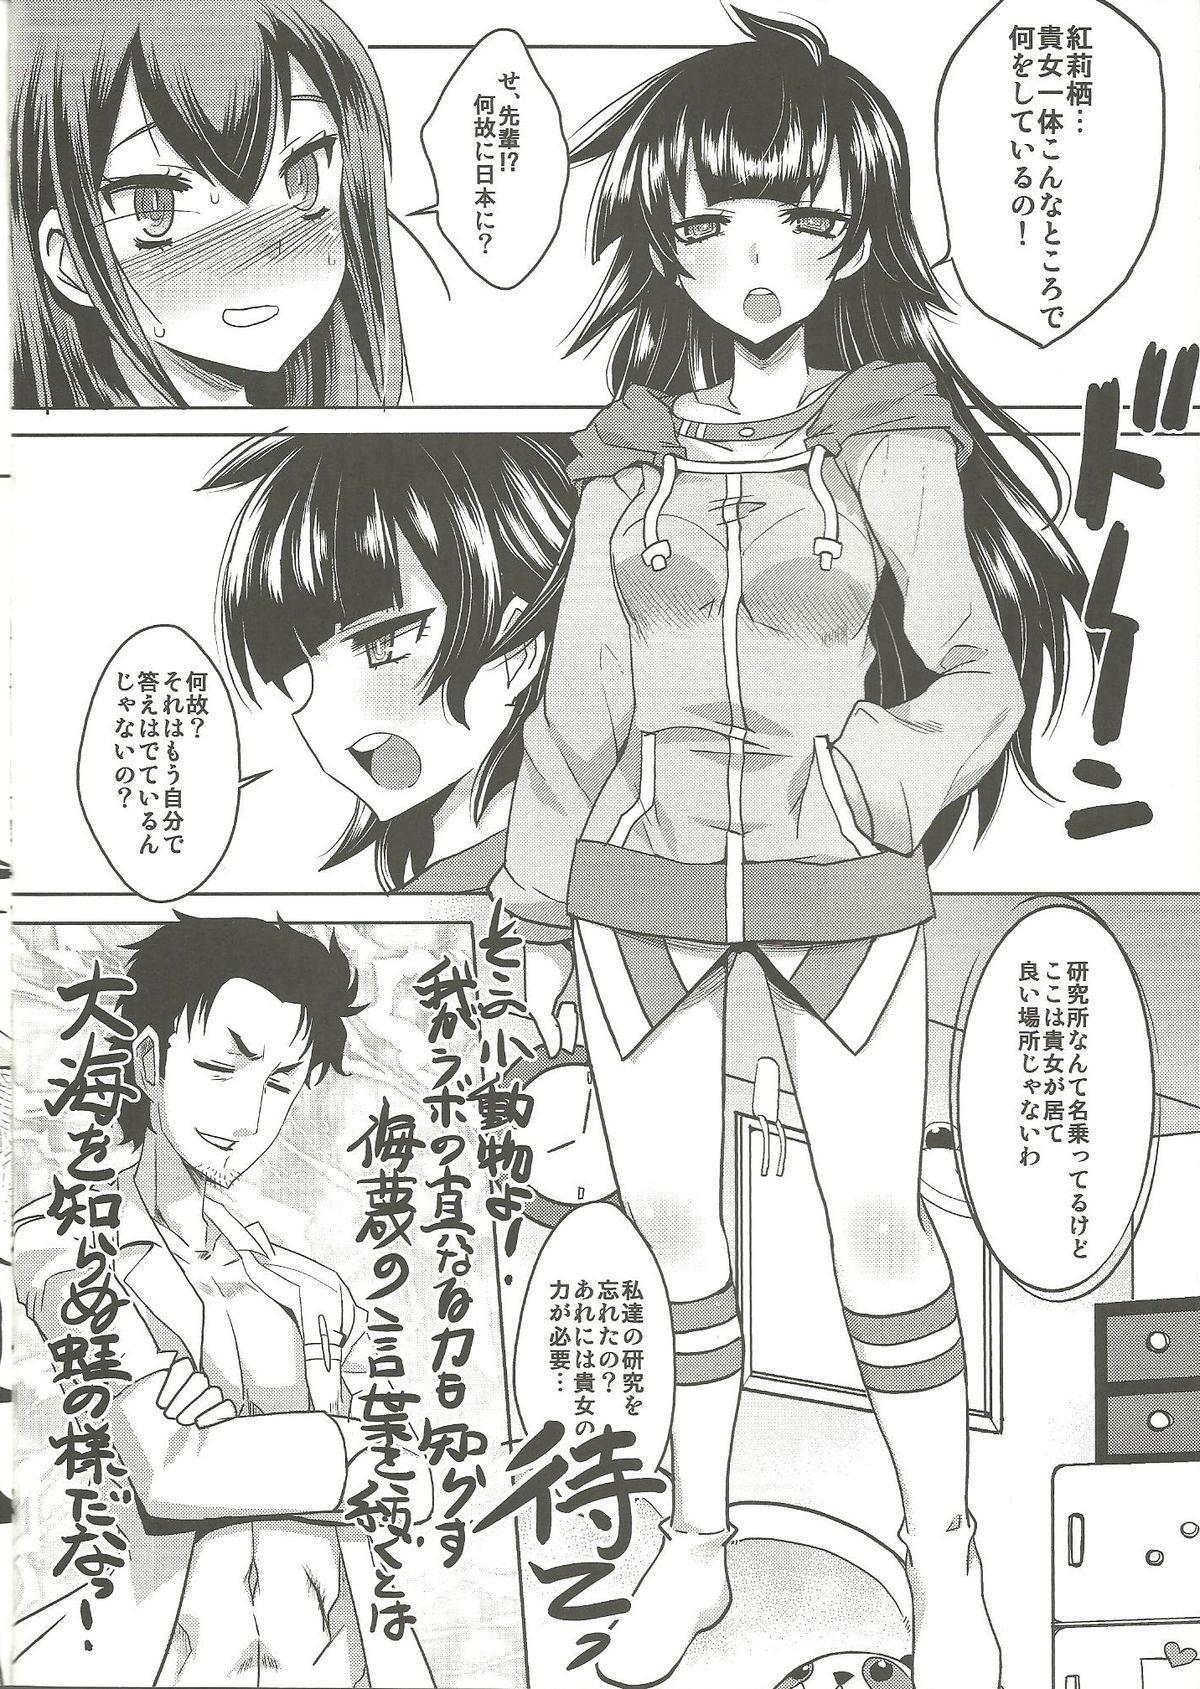 Toutatsu Koi Sekai no Execution 9